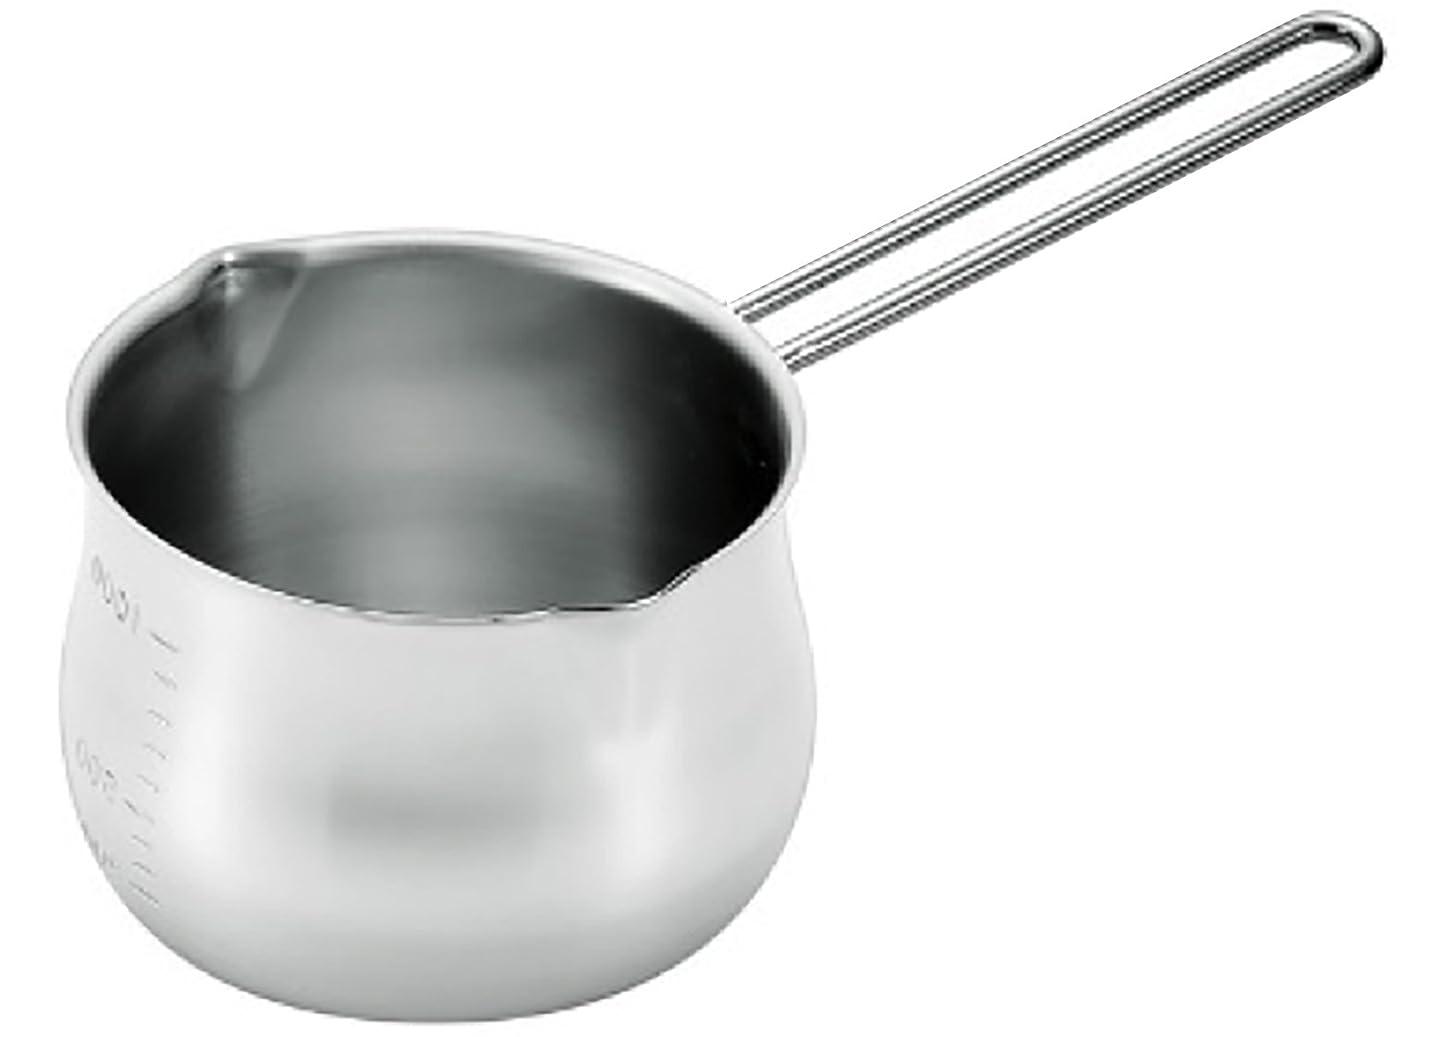 吸う特徴づける羊タケコシ 18-8ミルクパン 1000cc 目盛付 ワイヤーハンドル